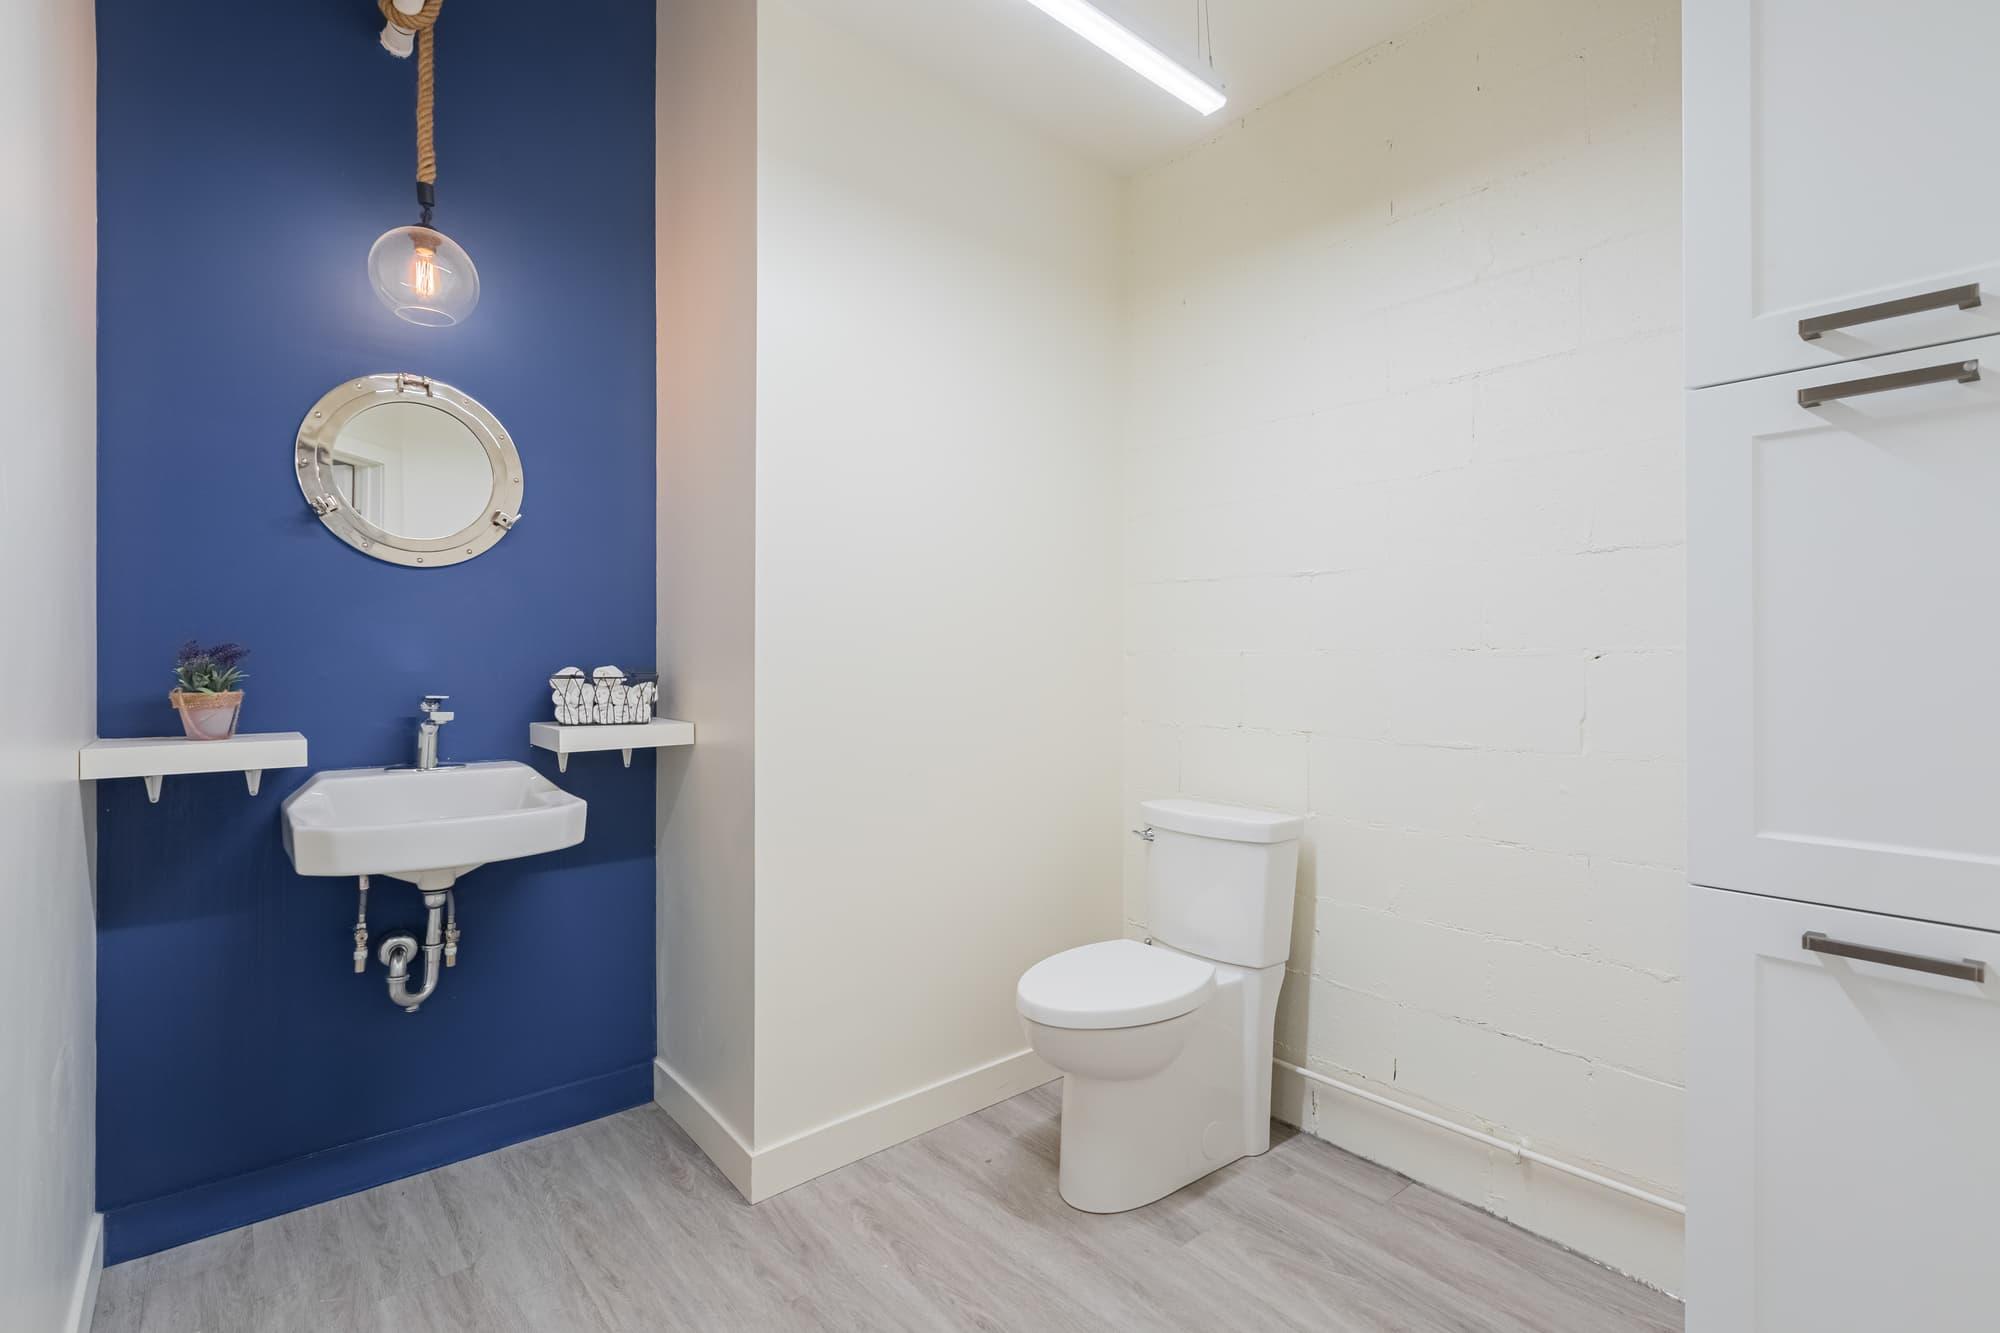 salle de bain entreprise avec mur bleu et lavabo suspendu